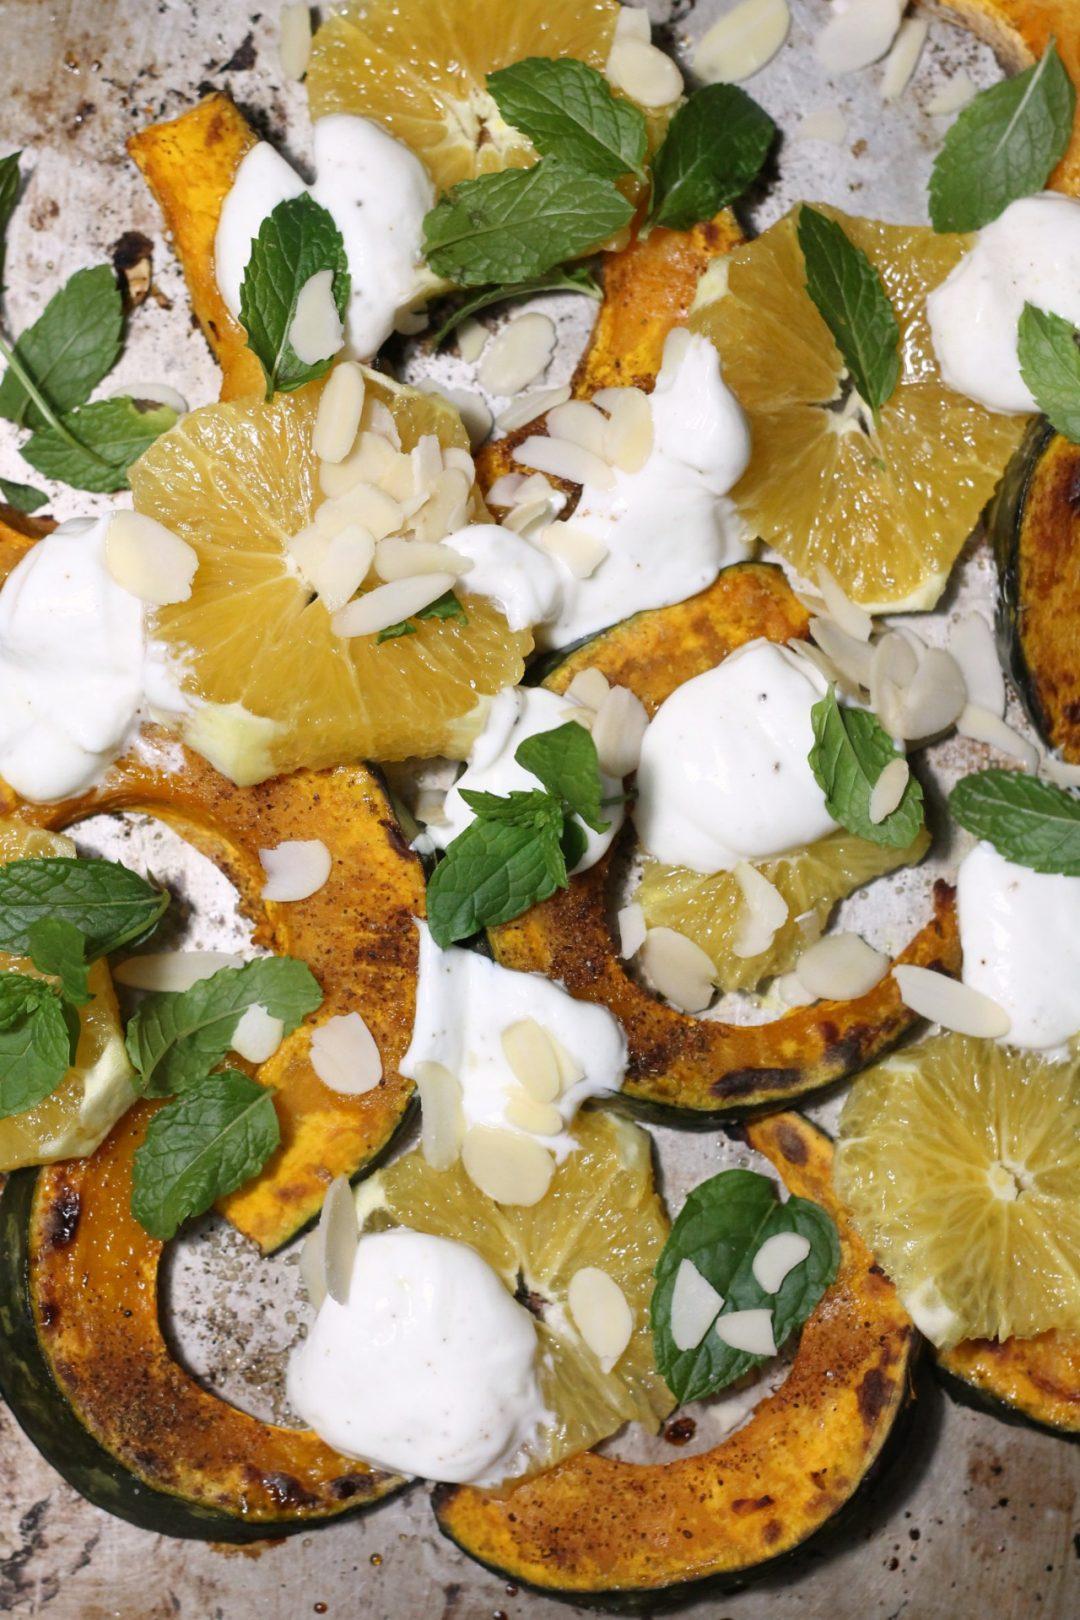 zucca-al-forno-con-arance-menta-e-yogurt